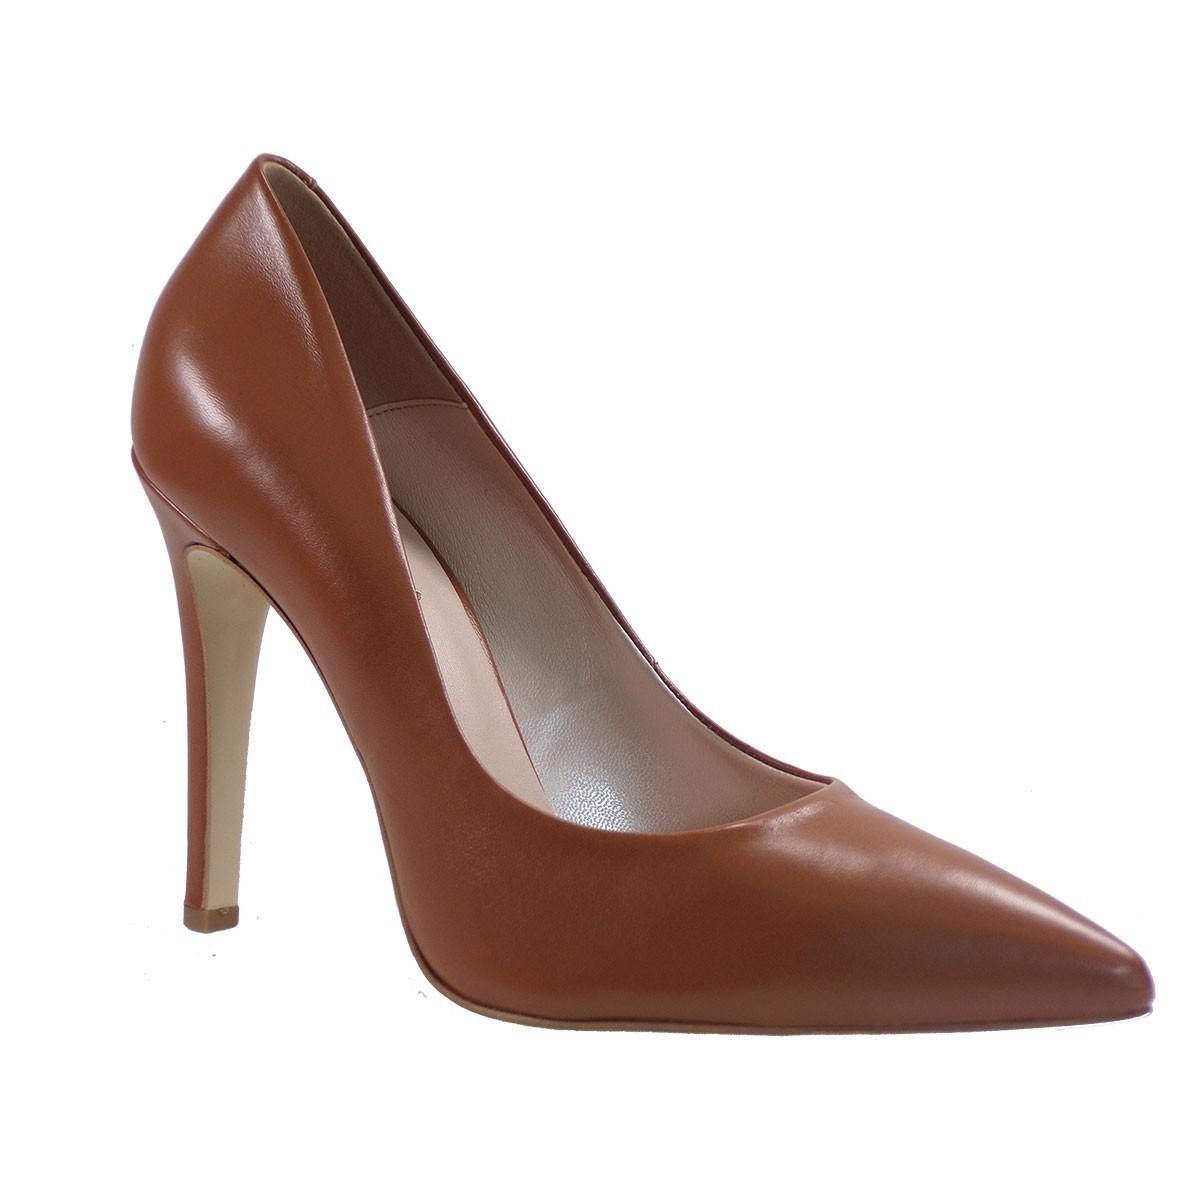 Fardoulis Shoes Γυναικείες Γόβες 2301 Ταμπά Δέρμα